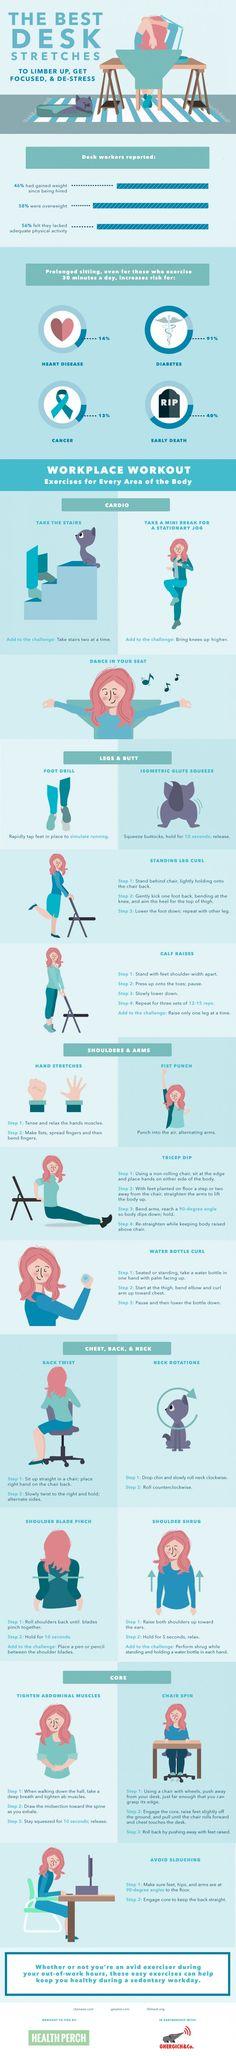 Entspannungsübungen für #Webworker The Best Desk Stretches To Limber Up, Get Focused & De-Stressed